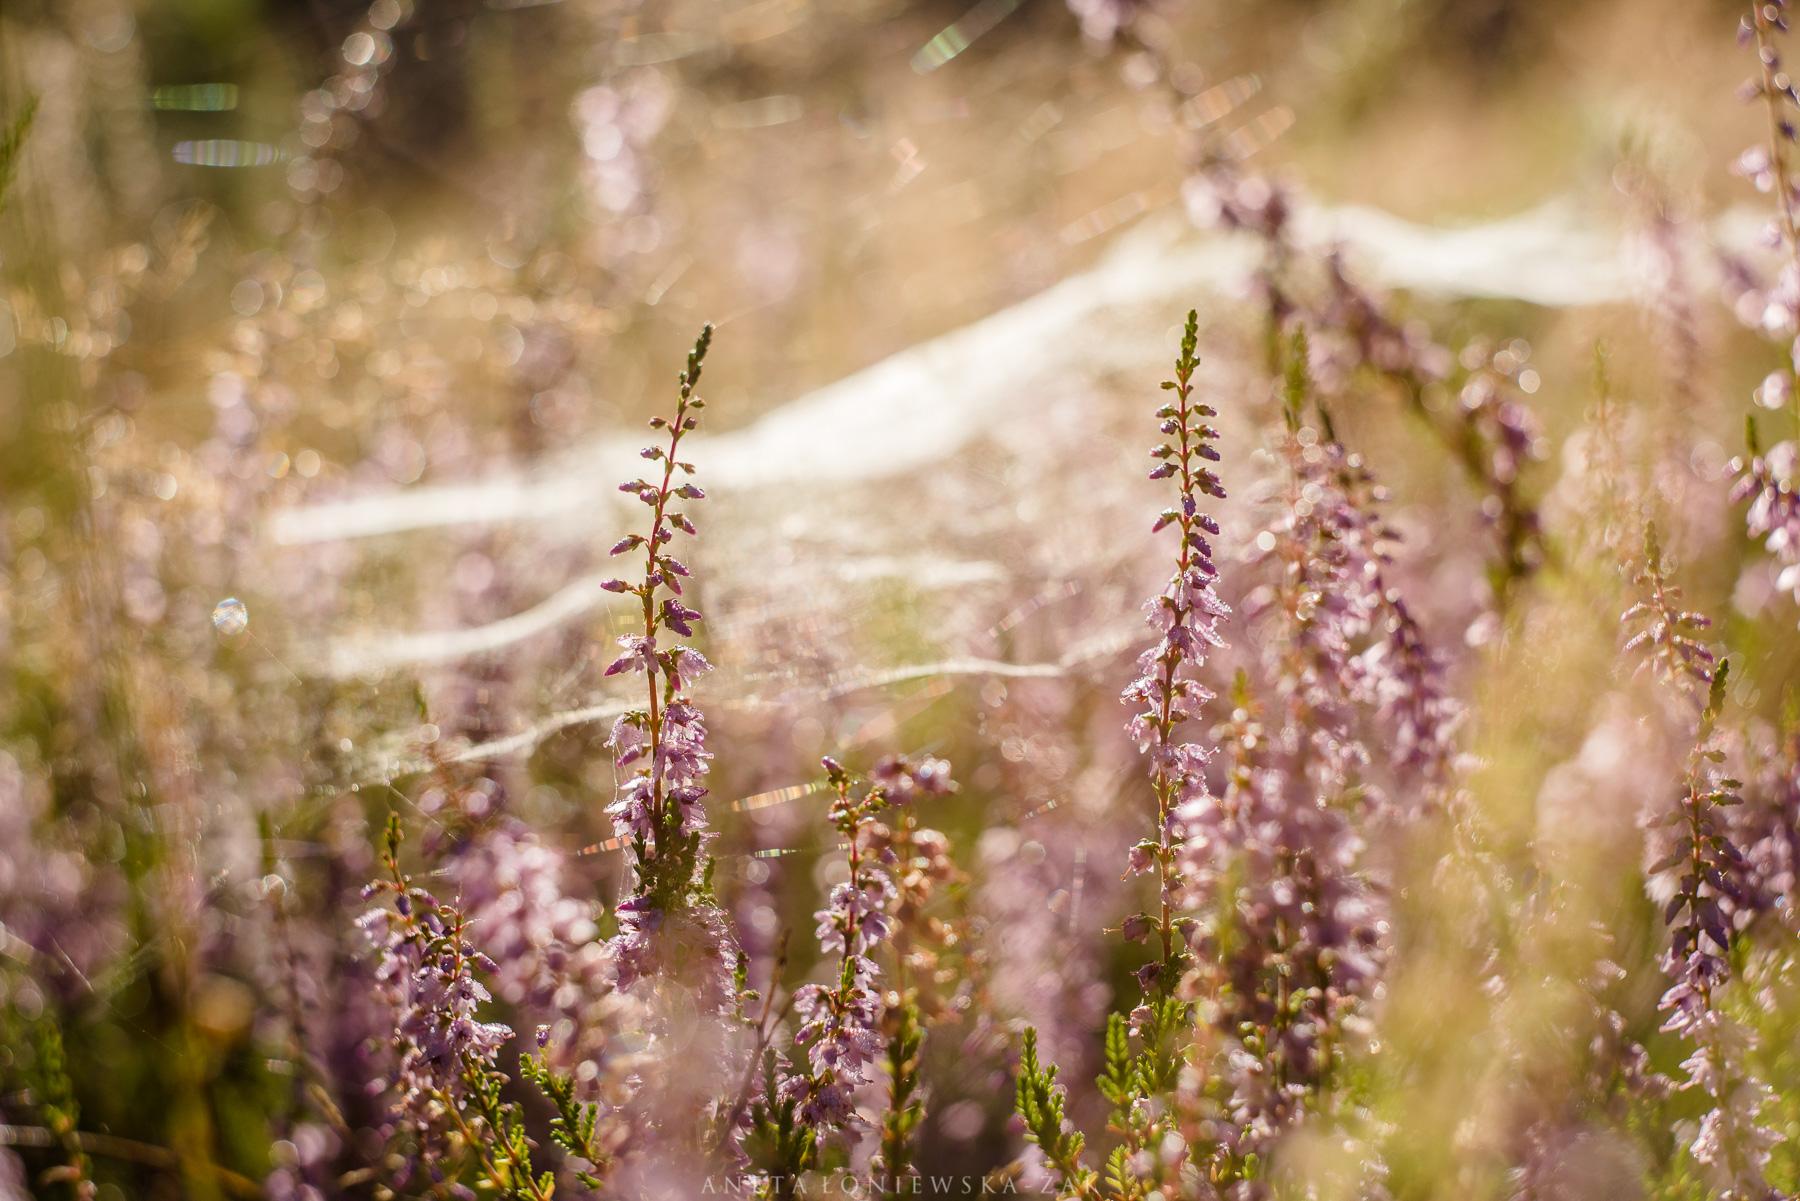 puszcza knyszyńska, Calluna vulgaris, dzikie podlasie, aneta łoniewska-żak, wrzos pospolity